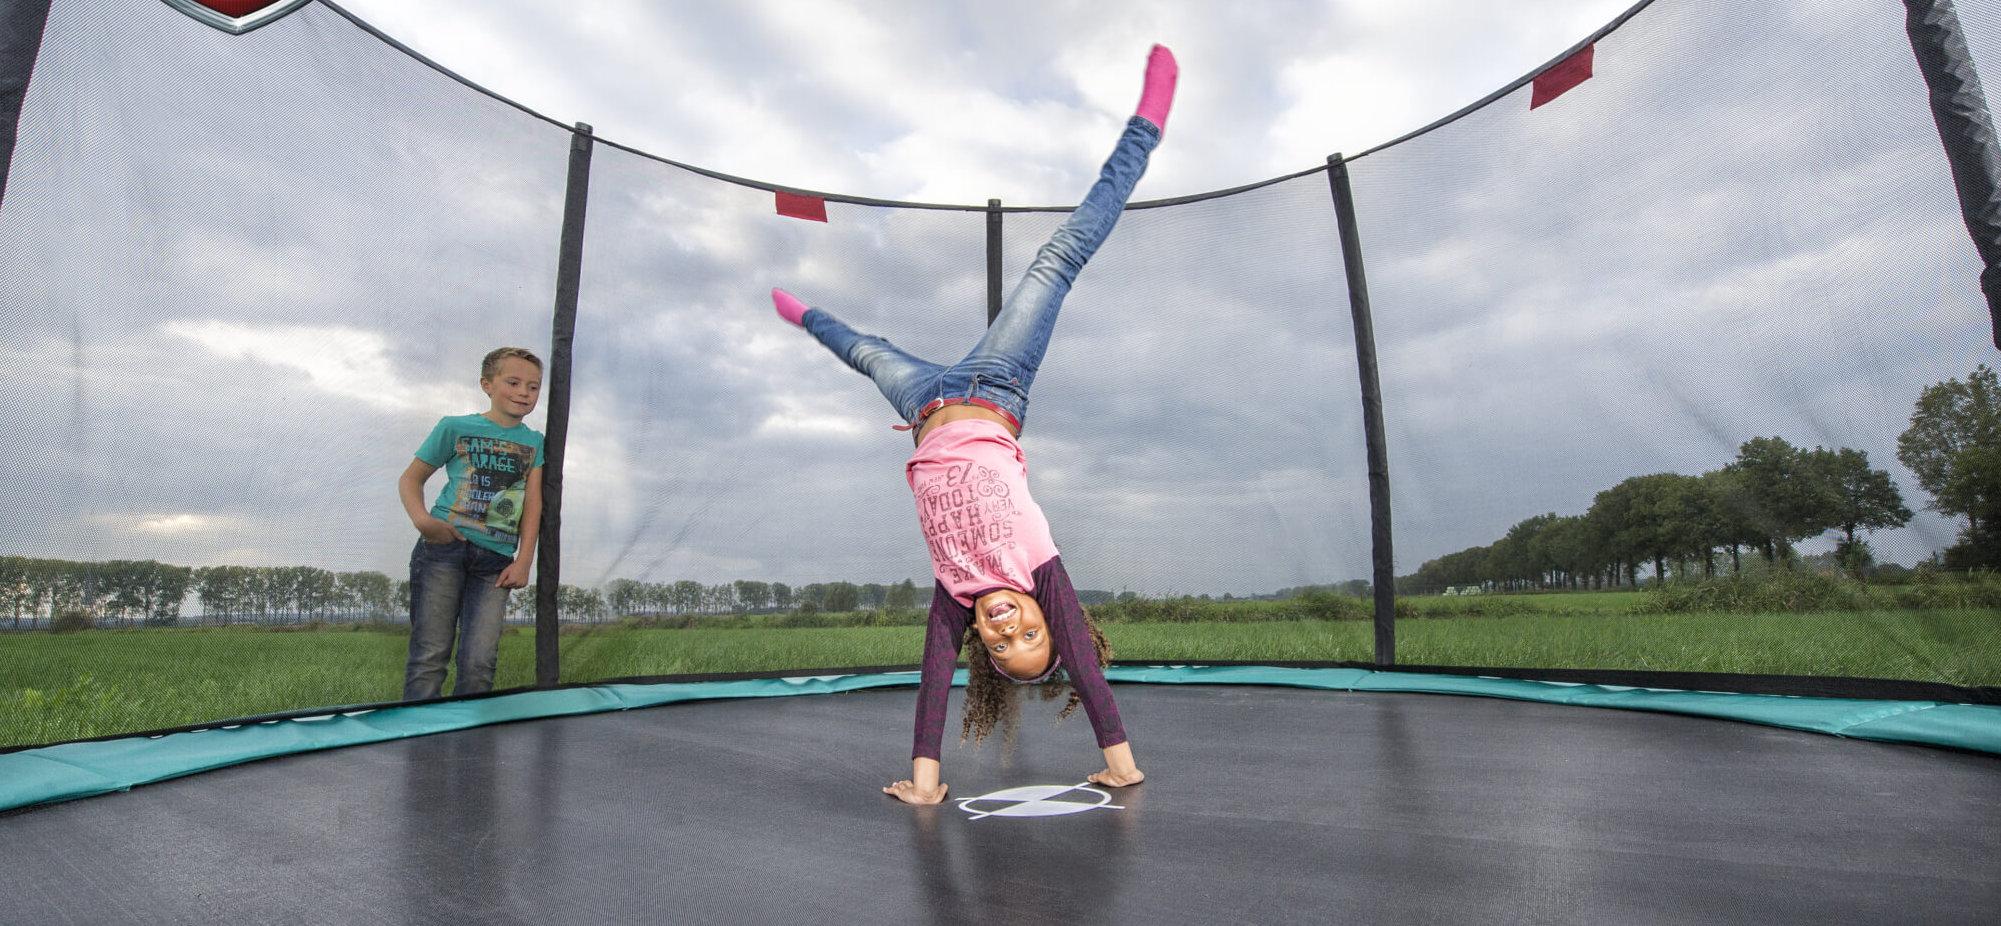 Kindertrampolin Ratgeber Kauf - trampolin-profi.de